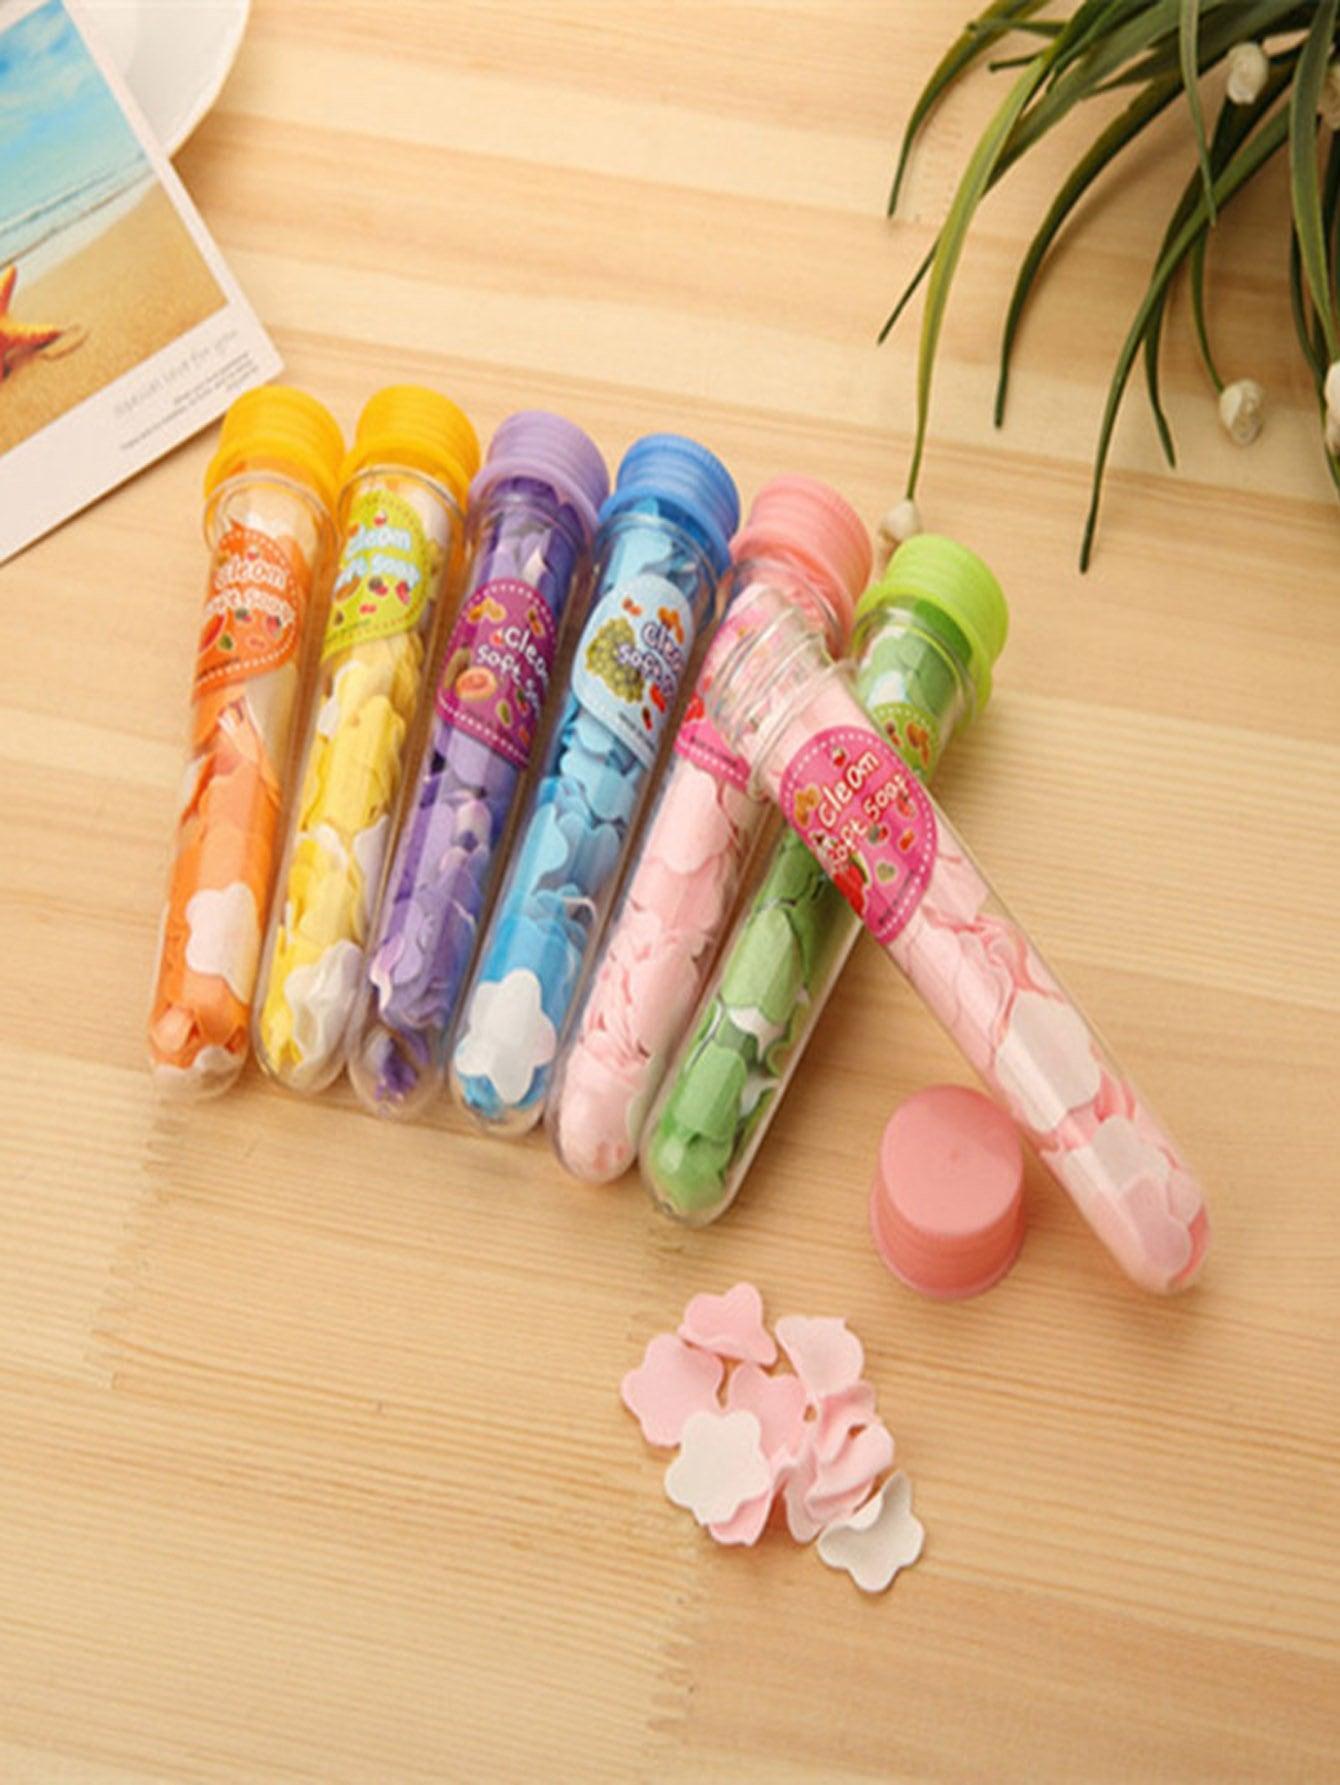 Купить Случайная цветная портативная мыльная бумага 6 шт., null, SheIn